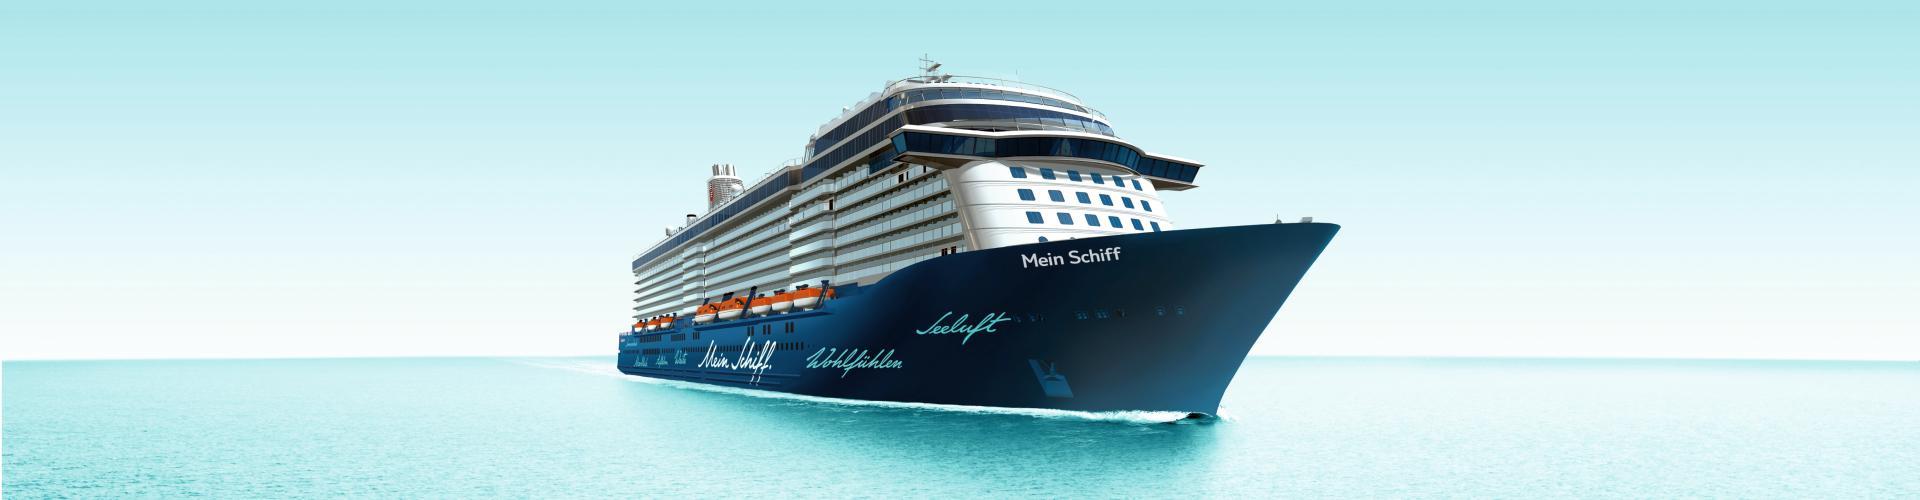 Mein Schiff Kreuzfahrt